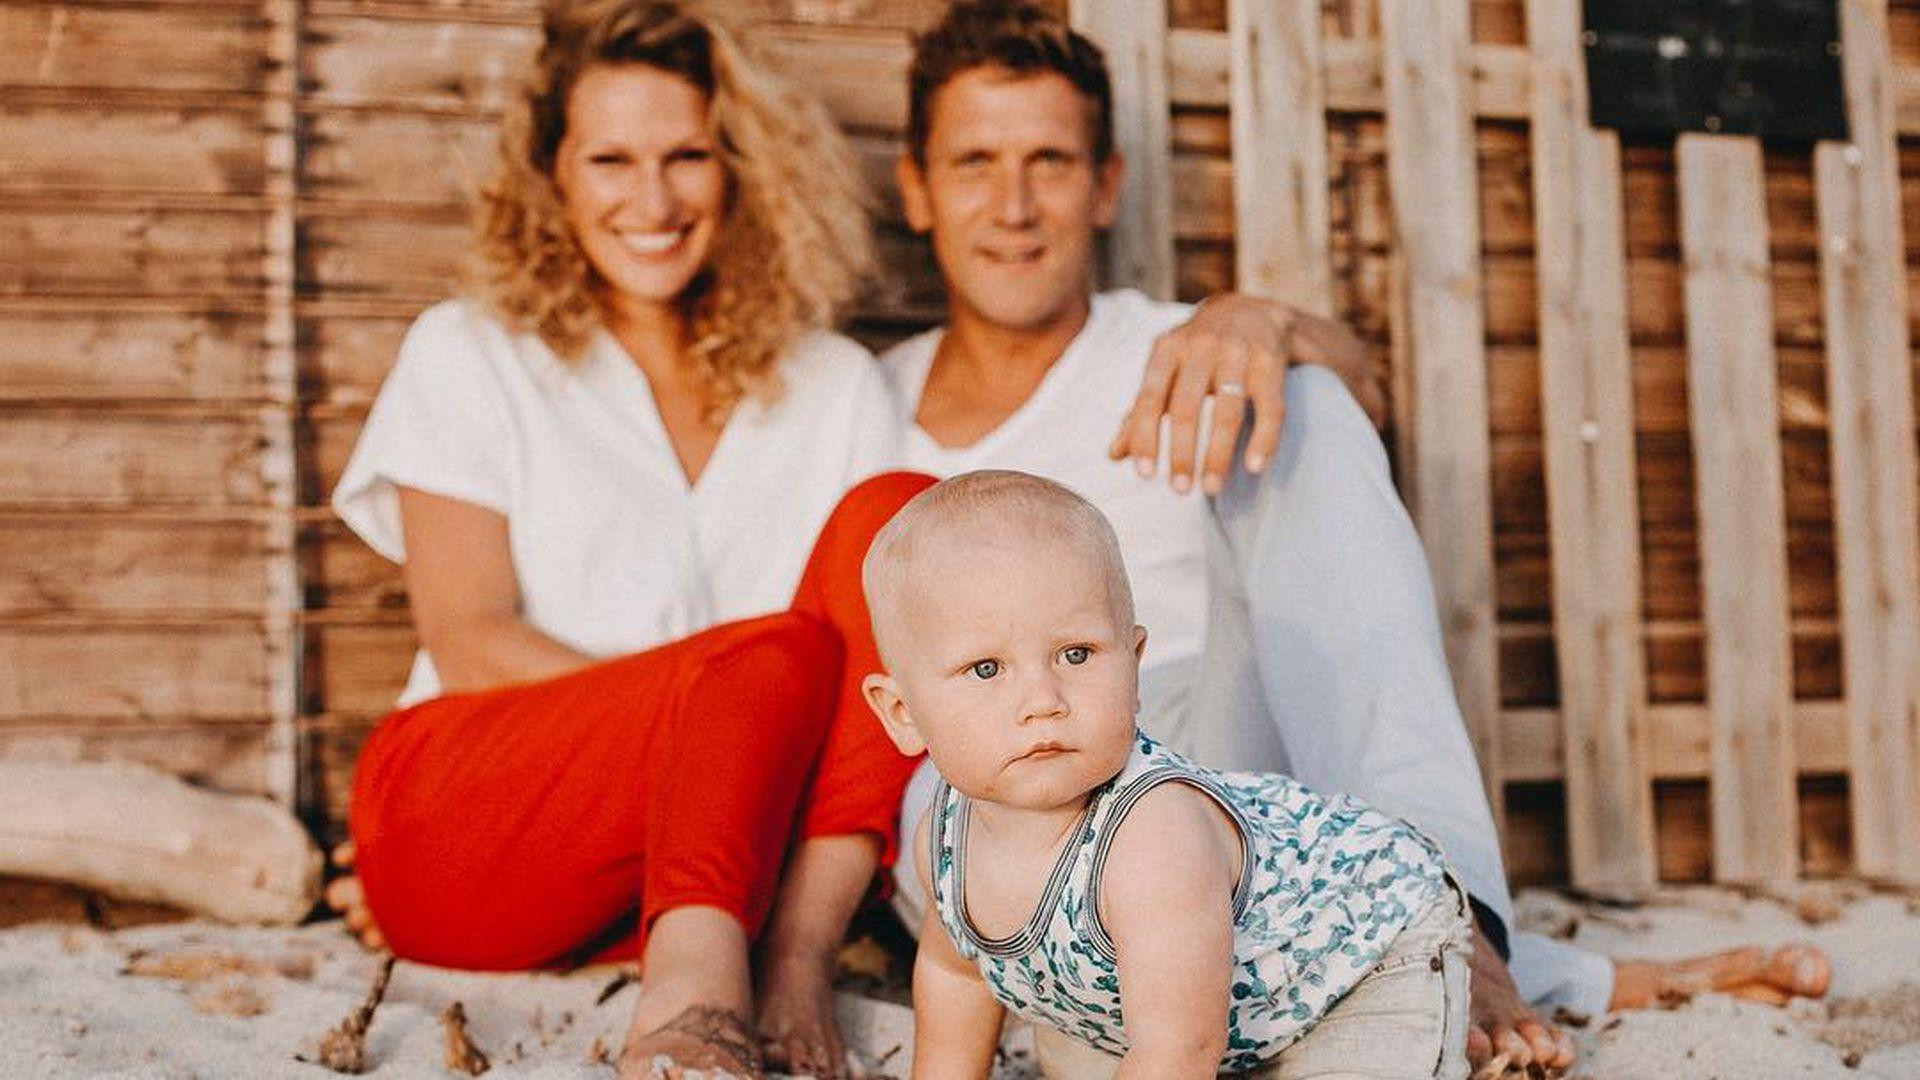 Janni Und Peer Und Ein Baby